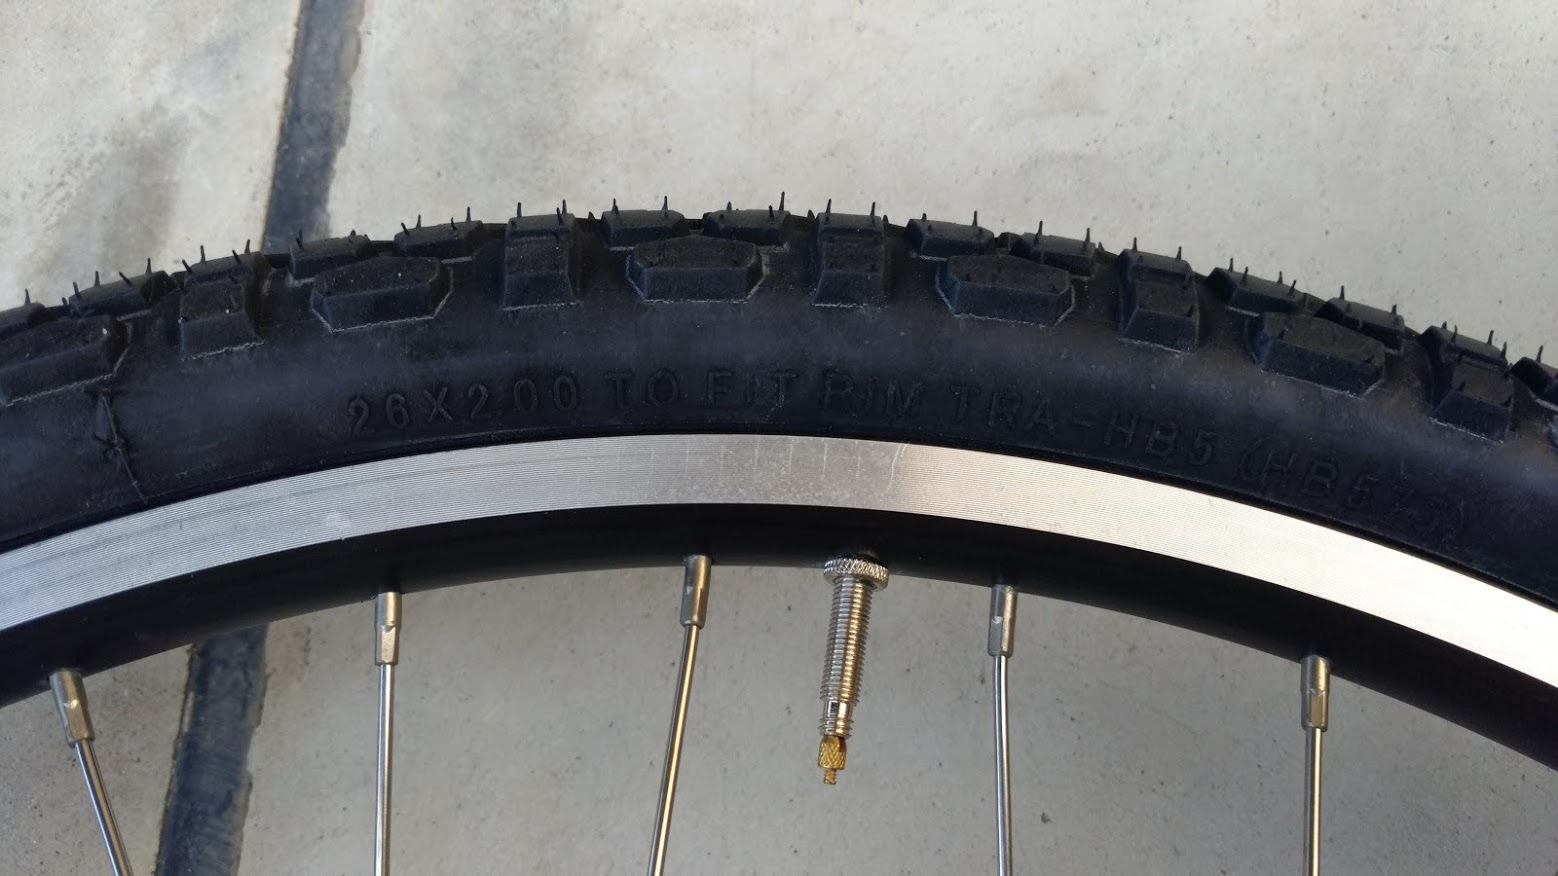 ブリヂストン hydee2 子供電動自転車 パンク タイヤ交換 -16-